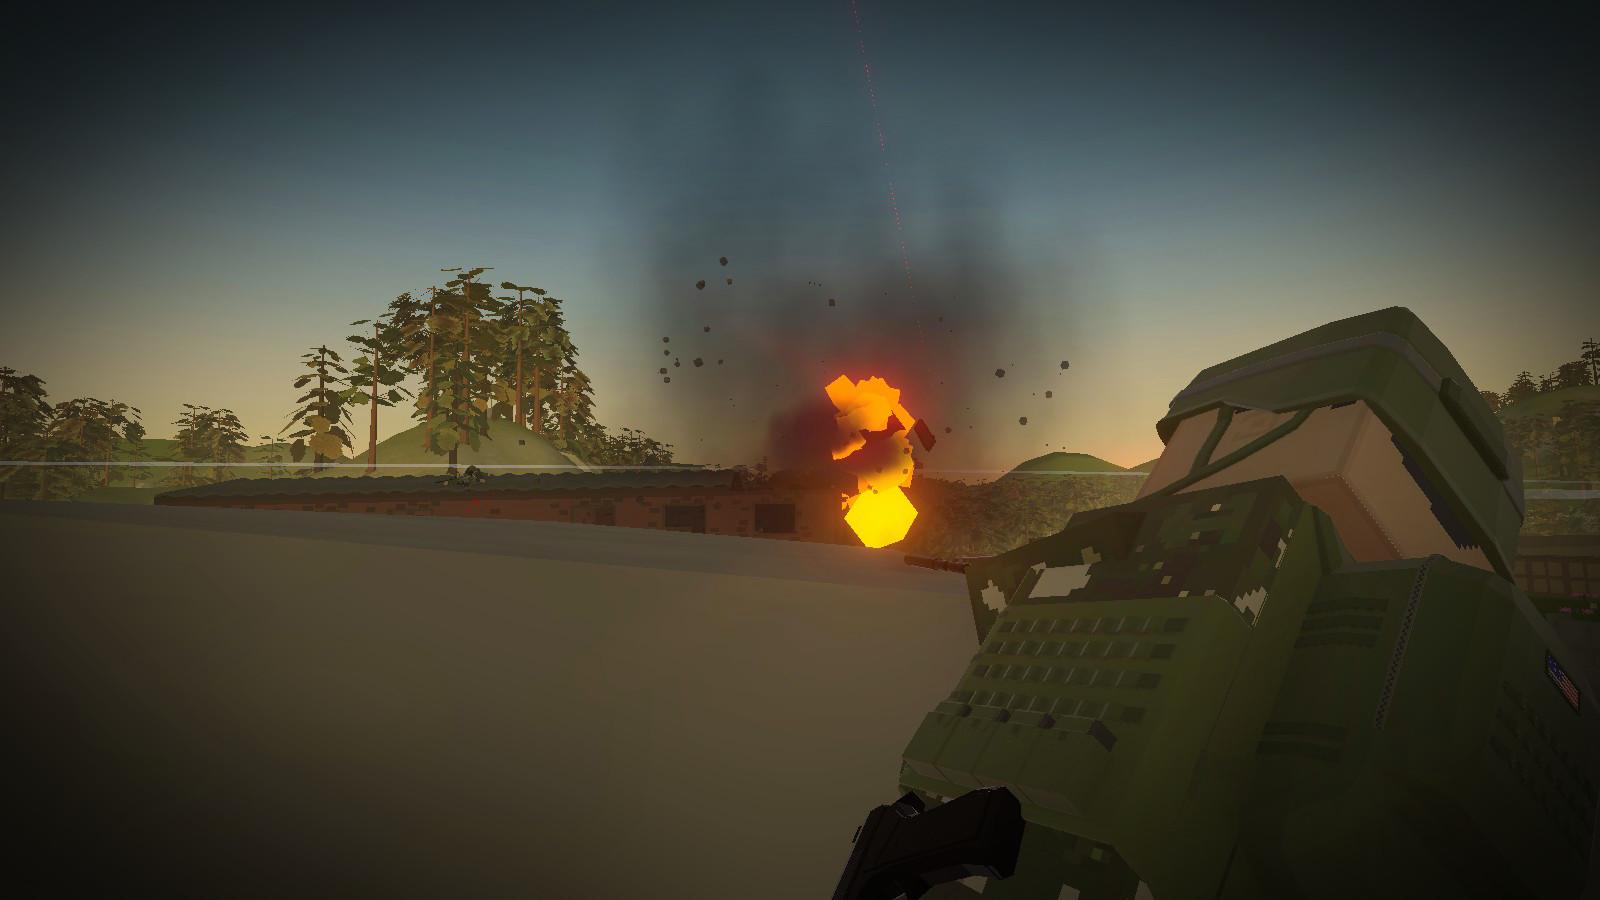 Battlebit Discord battlebit remastered on steam